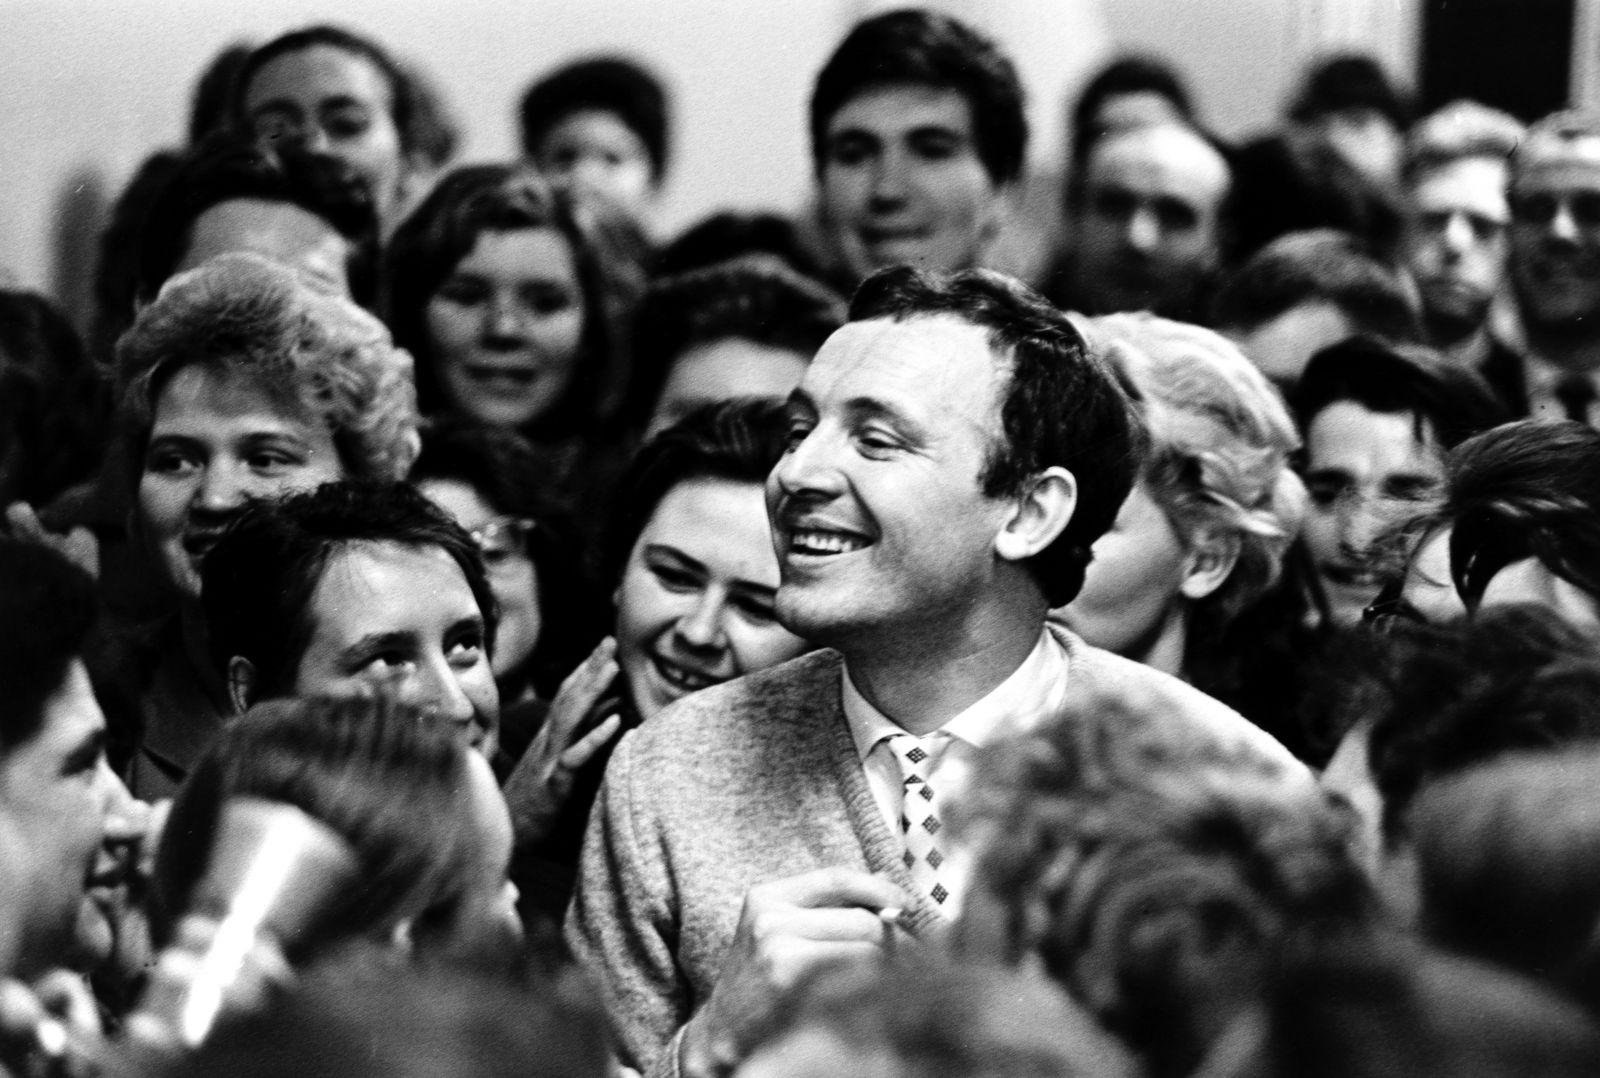 Леонид Лазарев - Иннокентий Смоктуновский, 1961 год